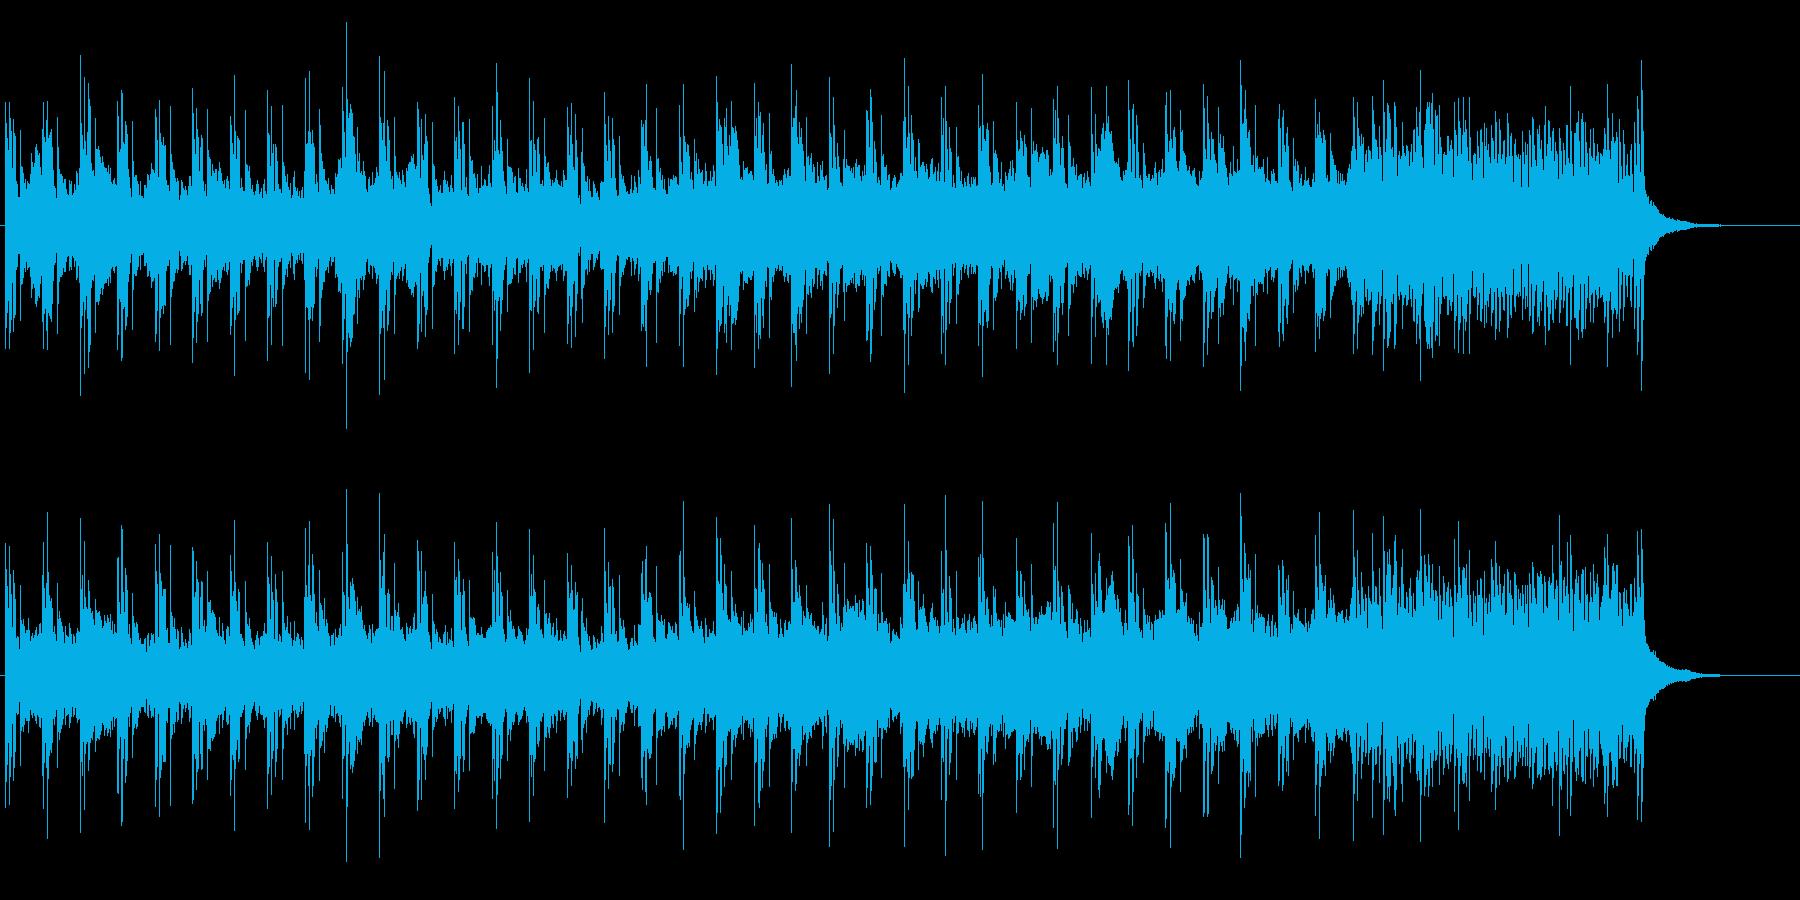 退廃的なムードを漂わせたサウンドの再生済みの波形